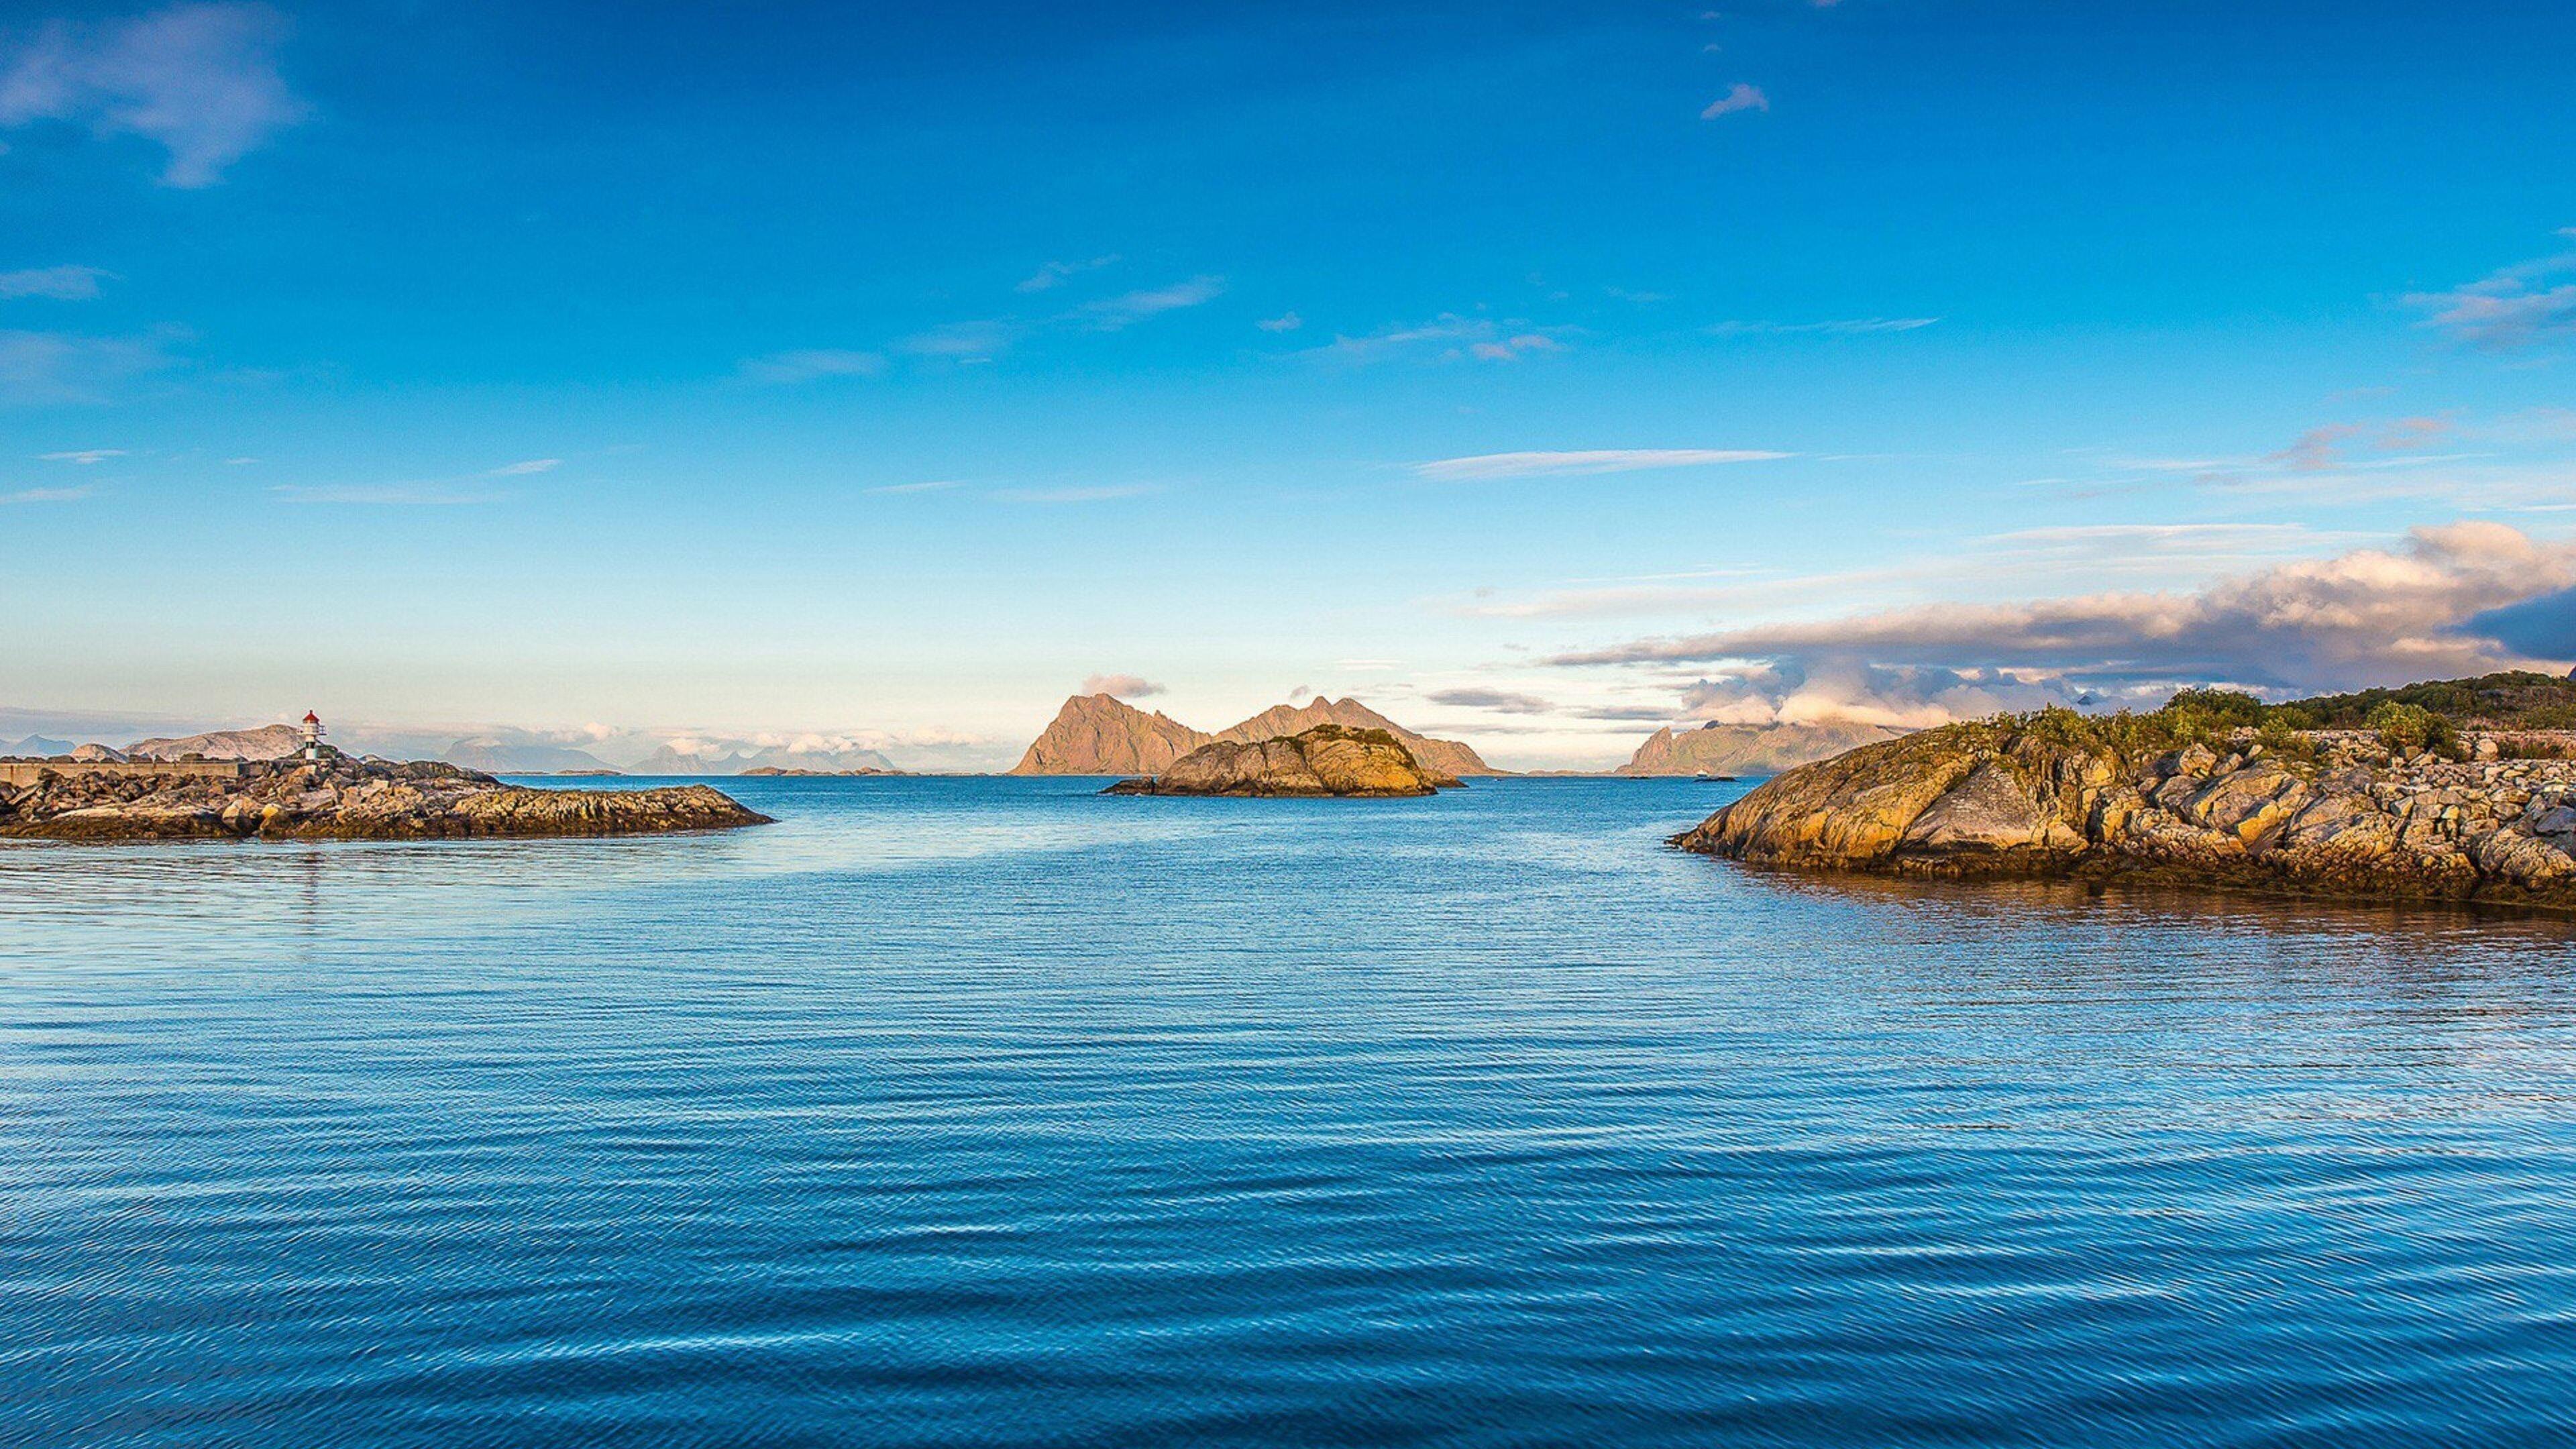 Зеленые покрытые скалы в водоеме под голубым небом в дневное время природа обои скачать